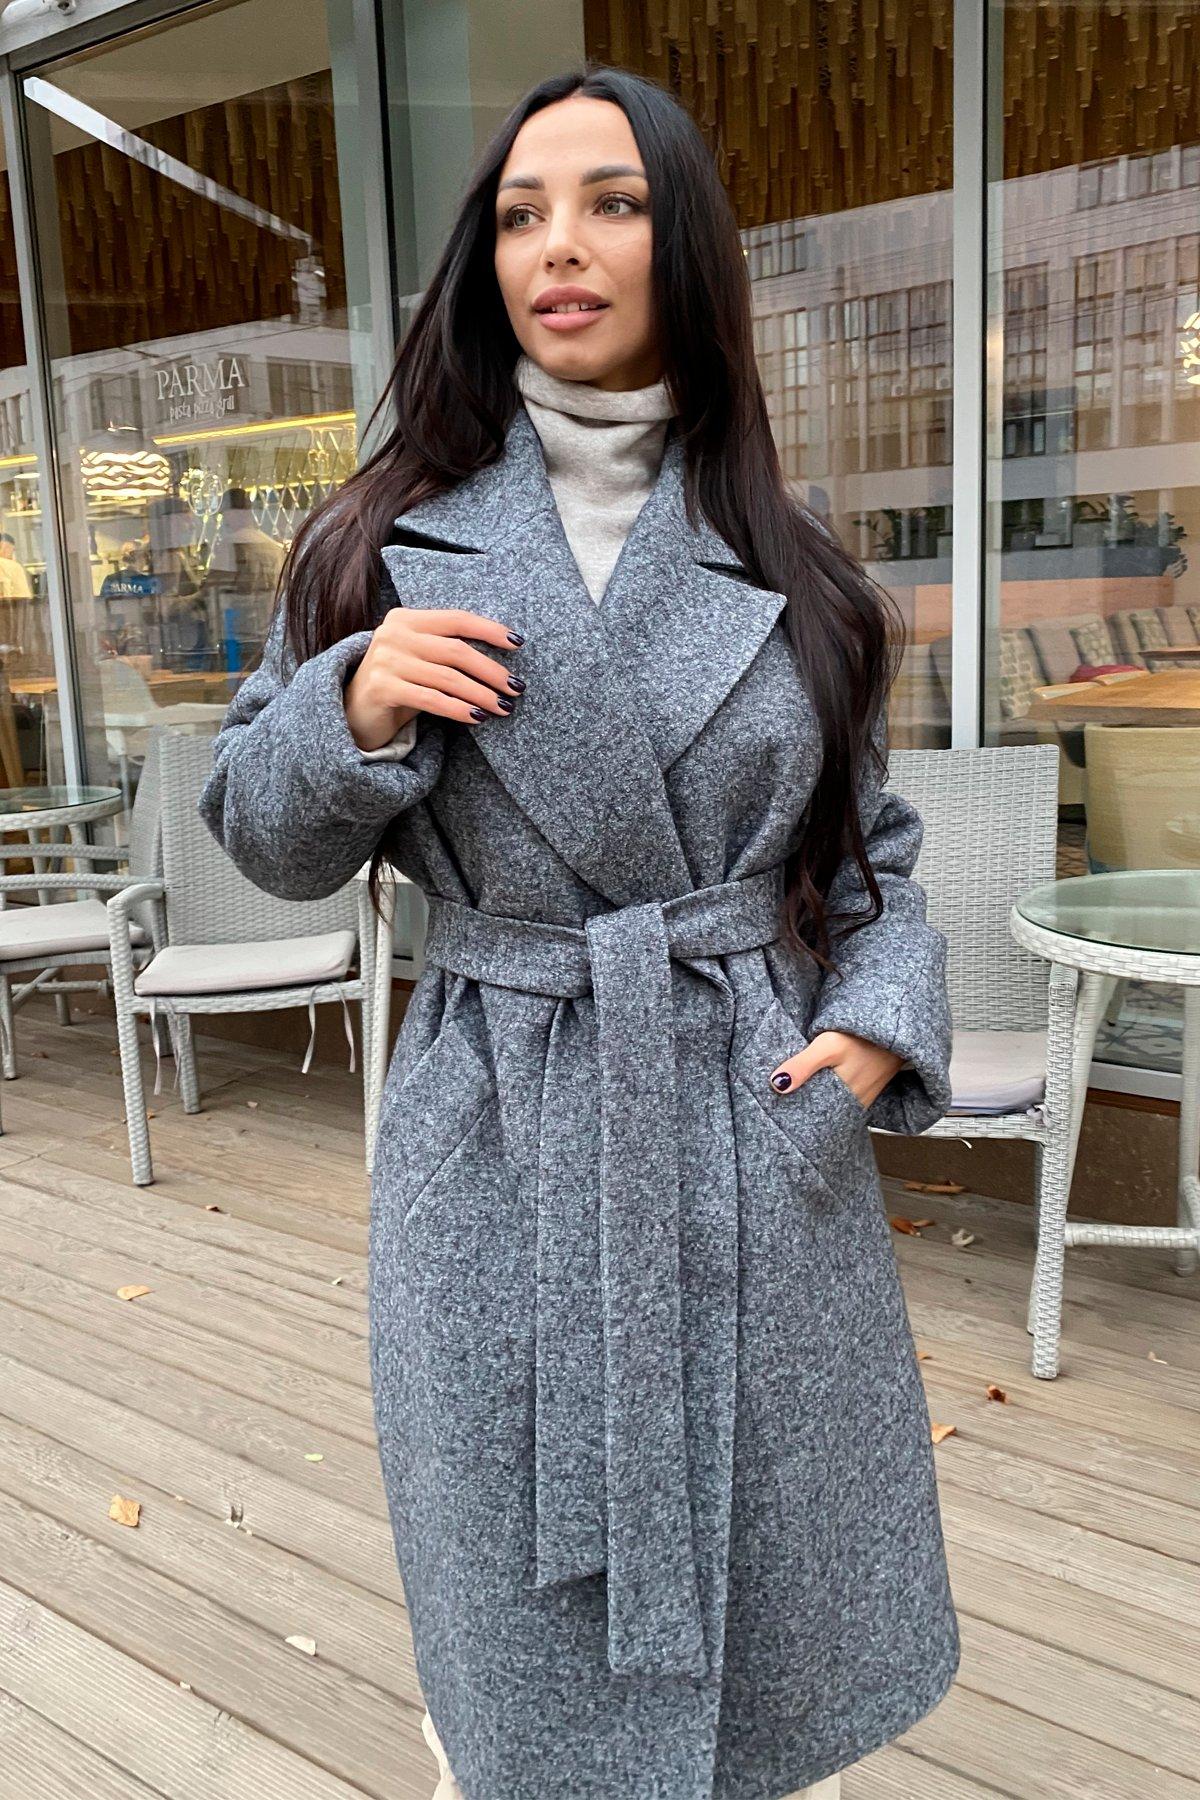 Влада шерсть варенка зима Хомут пальто 10021 АРТ. 46318 Цвет: Серый темный 5 - фото 2, интернет магазин tm-modus.ru